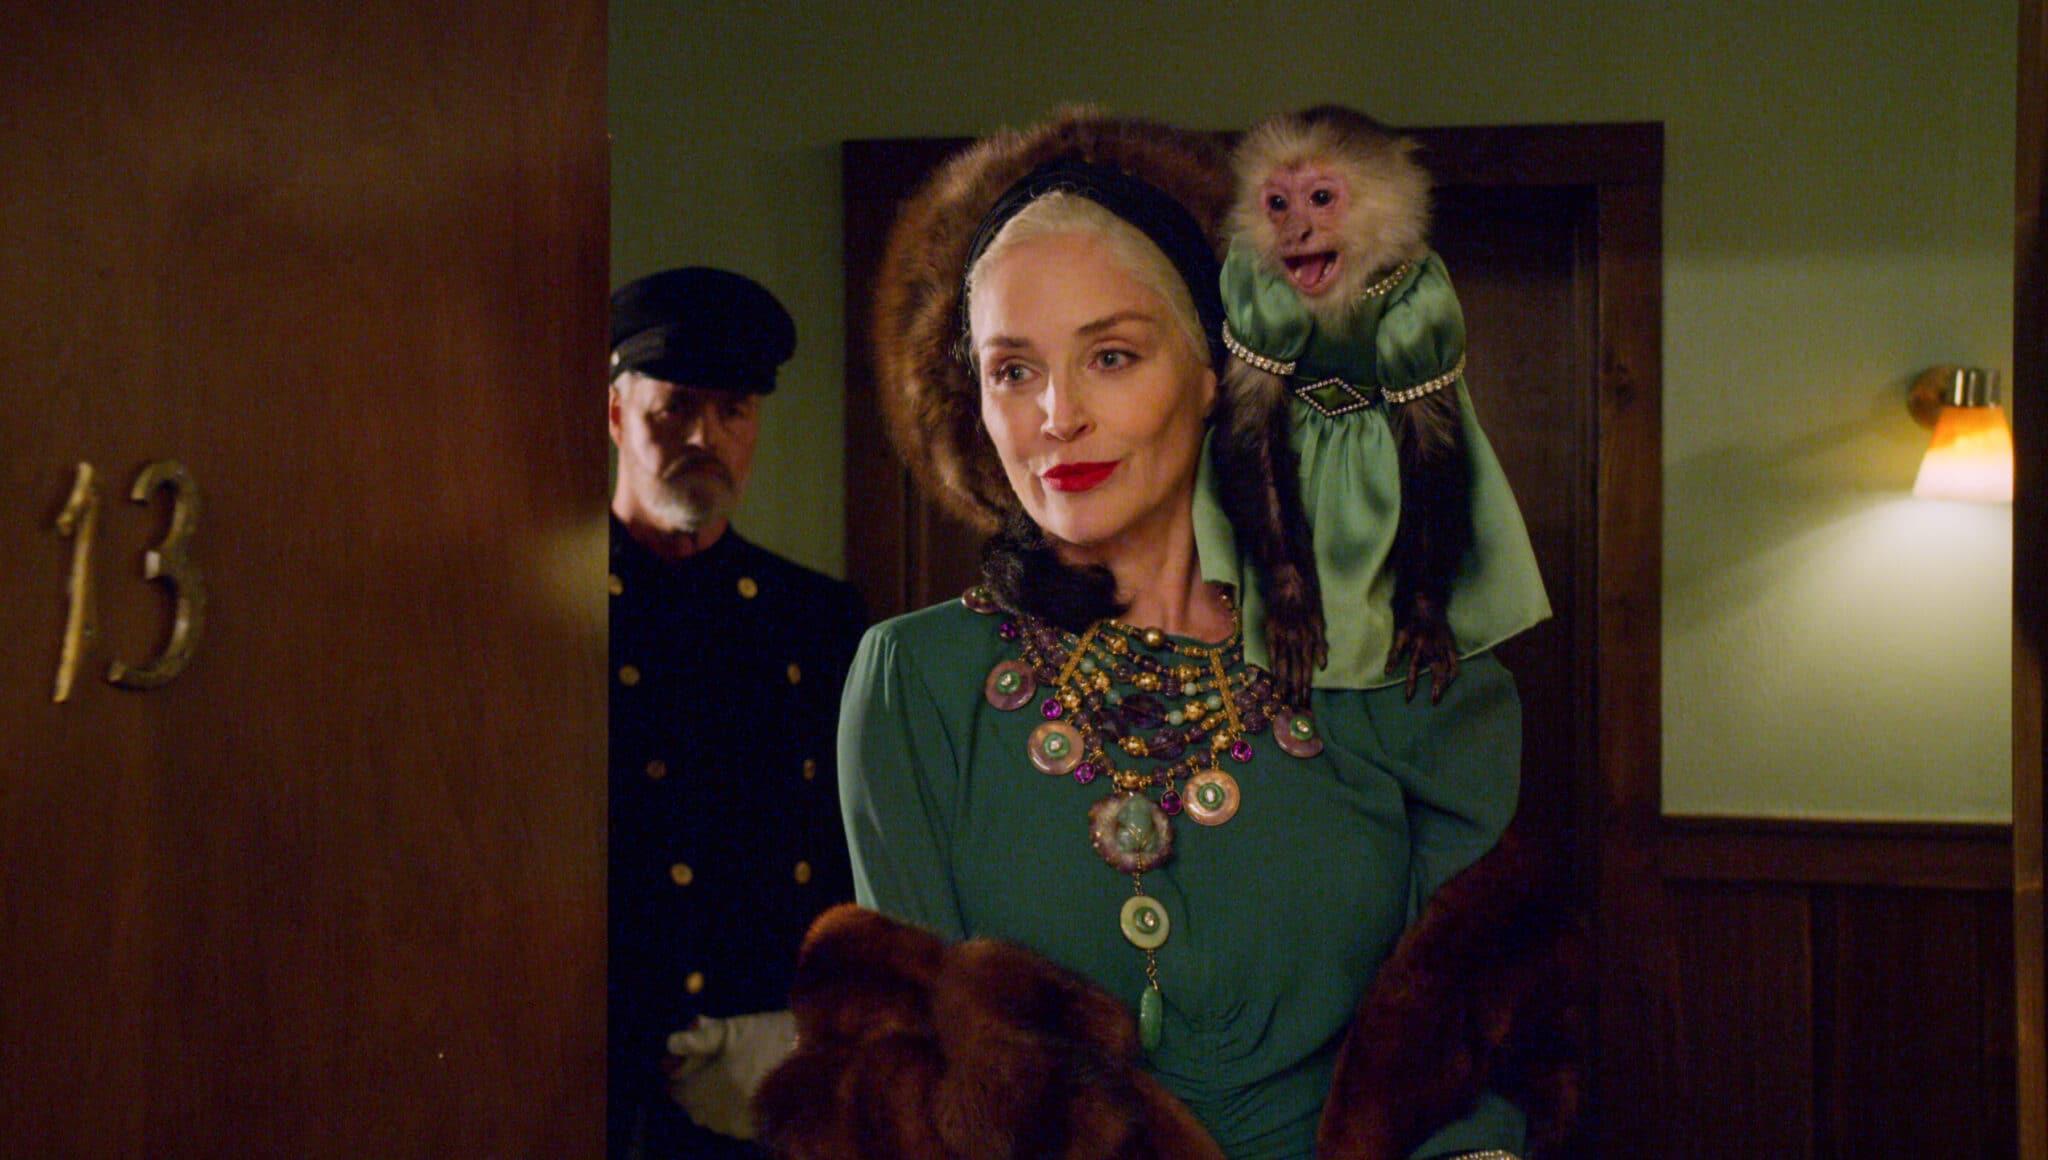 Lenore Osgood (Sharon Stone) öffnet in einem extravaganten Outfit mit einem Äffchen auf der Schulter die Tür zu ihrer Wohnung. Im Hintergrund steht ein Wachmann in Uniform.